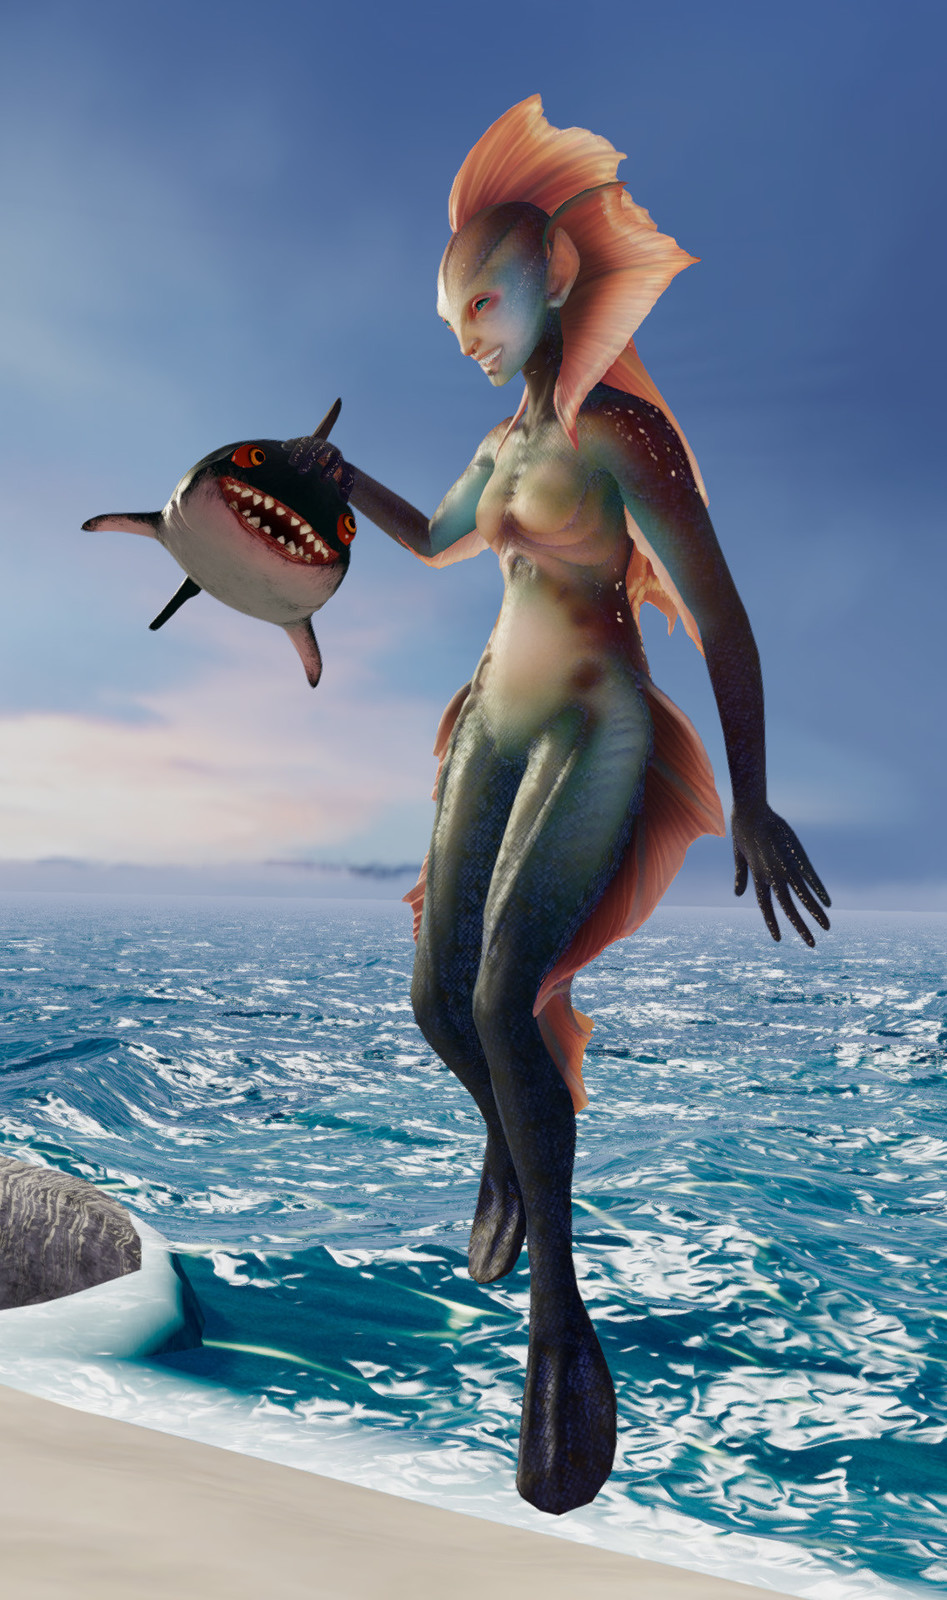 Fish Person original version, captured in the original Fish Person's Cove